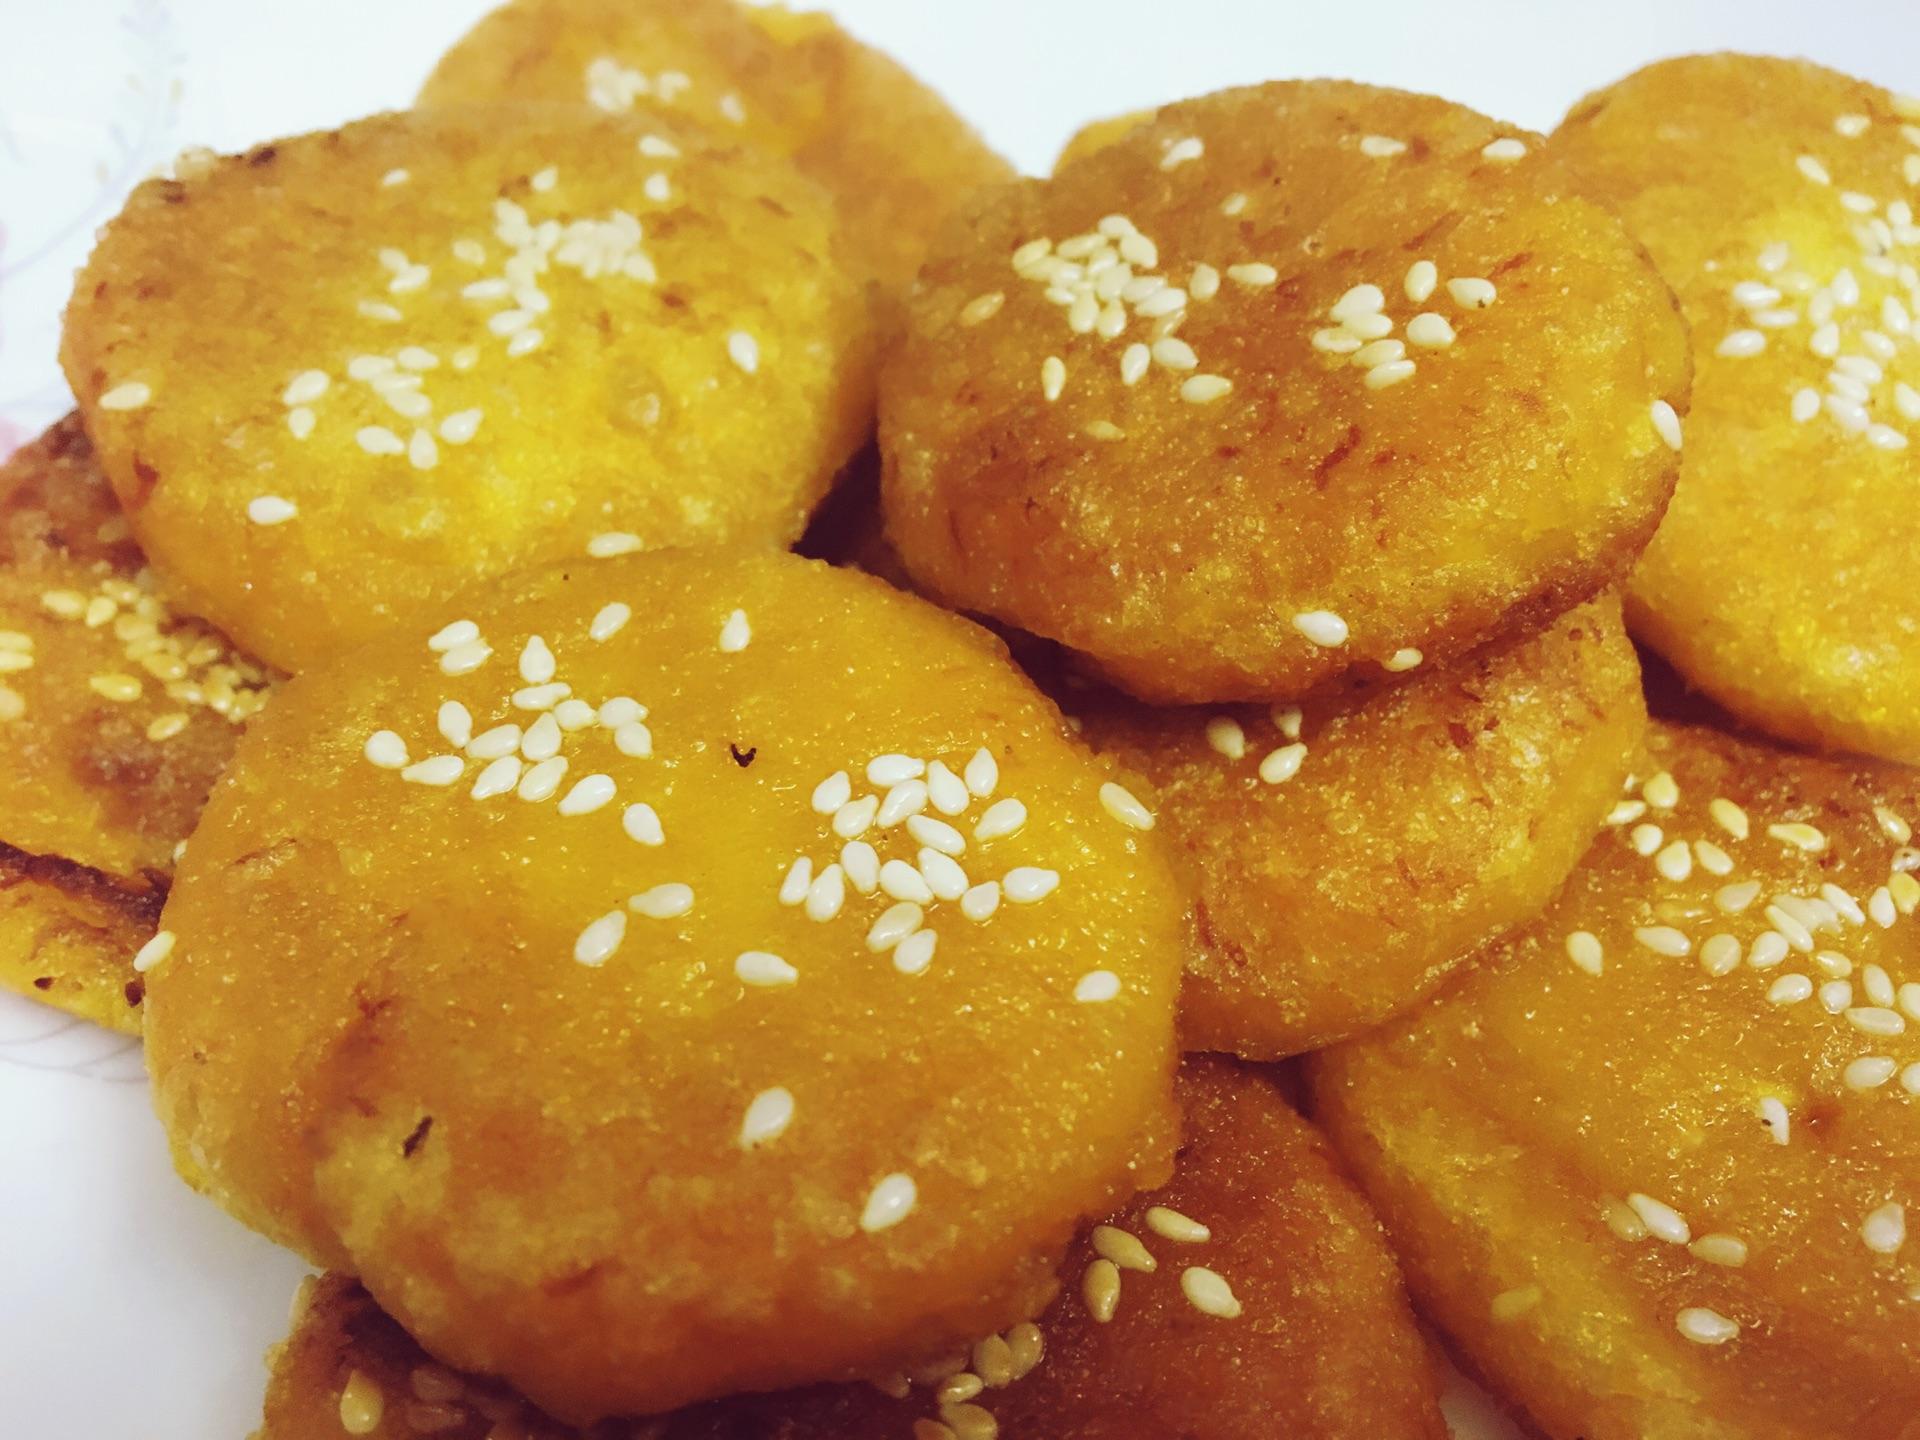 南瓜芝麻饼的做法_芝麻香南瓜饼的做法_【图解】芝麻香南瓜饼怎么做如何做好吃